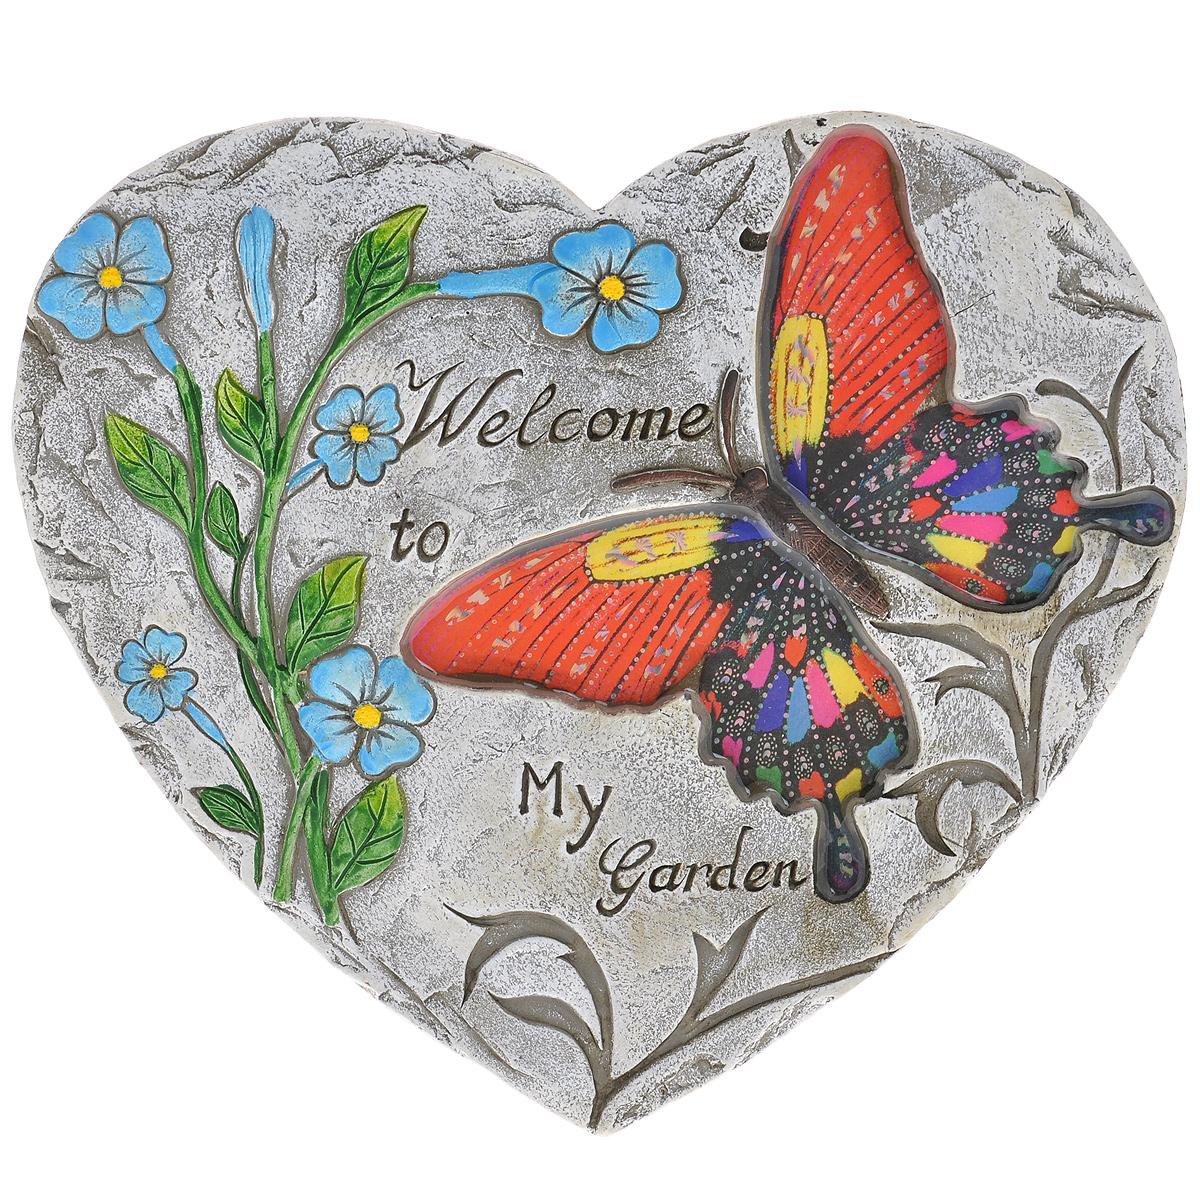 Декоративная фигурка Сердце, 26 х 23,5 х 2 см28331Декоративная фигурка Сердце прекрасно подойдет для украшения интерьера дома. Изделие выполнено из цемента в виде сердца и имеет шероховатую поверхность. Фигурка украшена изображением разноцветной бабочки, крылья которой покрыты эмалью, рельефом в виде голубых цветов и высеченной надписью Welcome to my garden. Изящная фигурка станет прекрасным подарком, который обязательно порадует получателя.